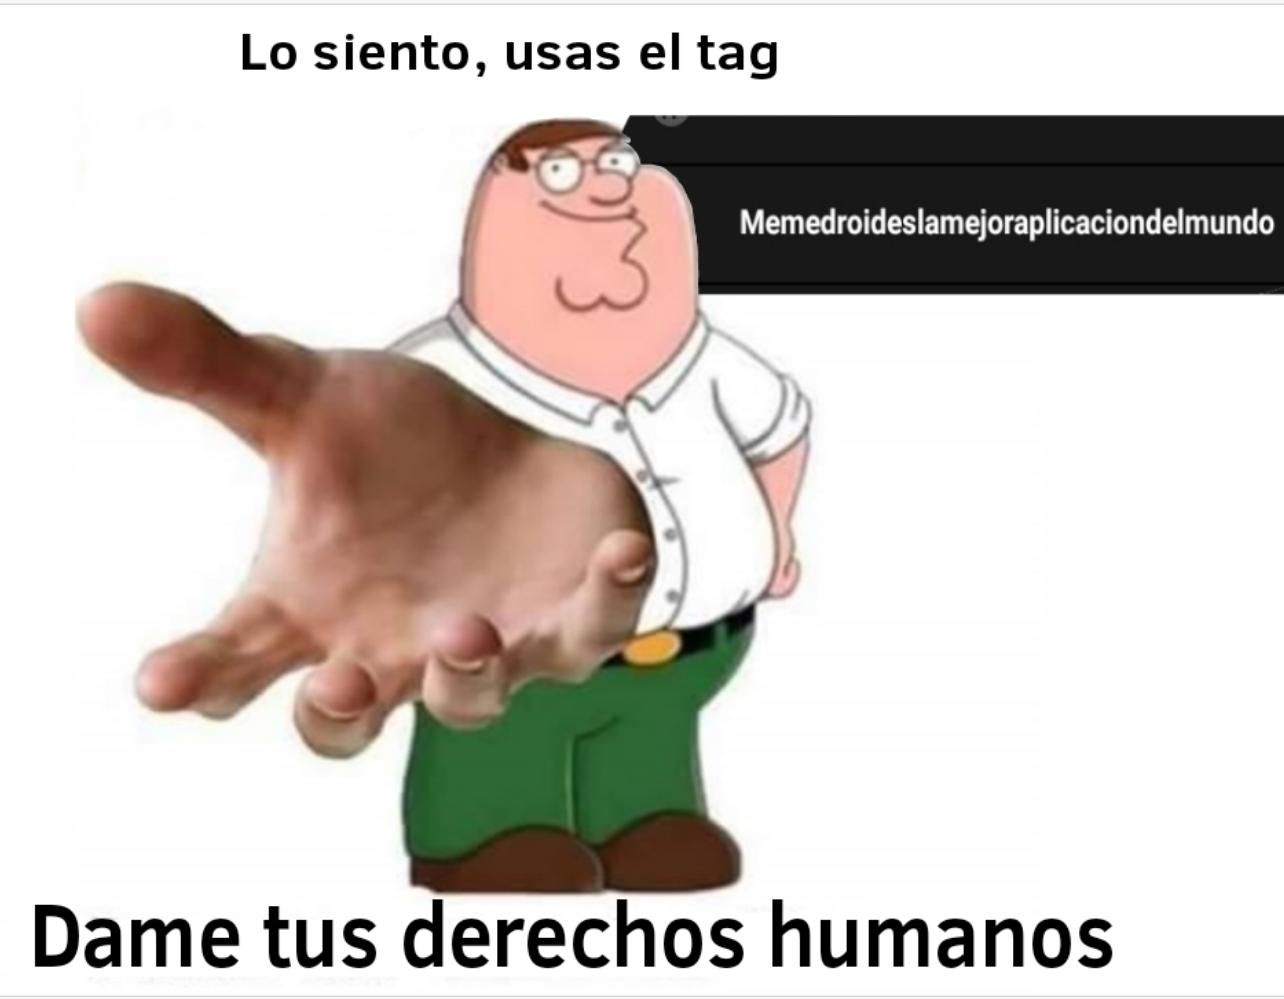 ReTrolazos lo que usan es tag - meme